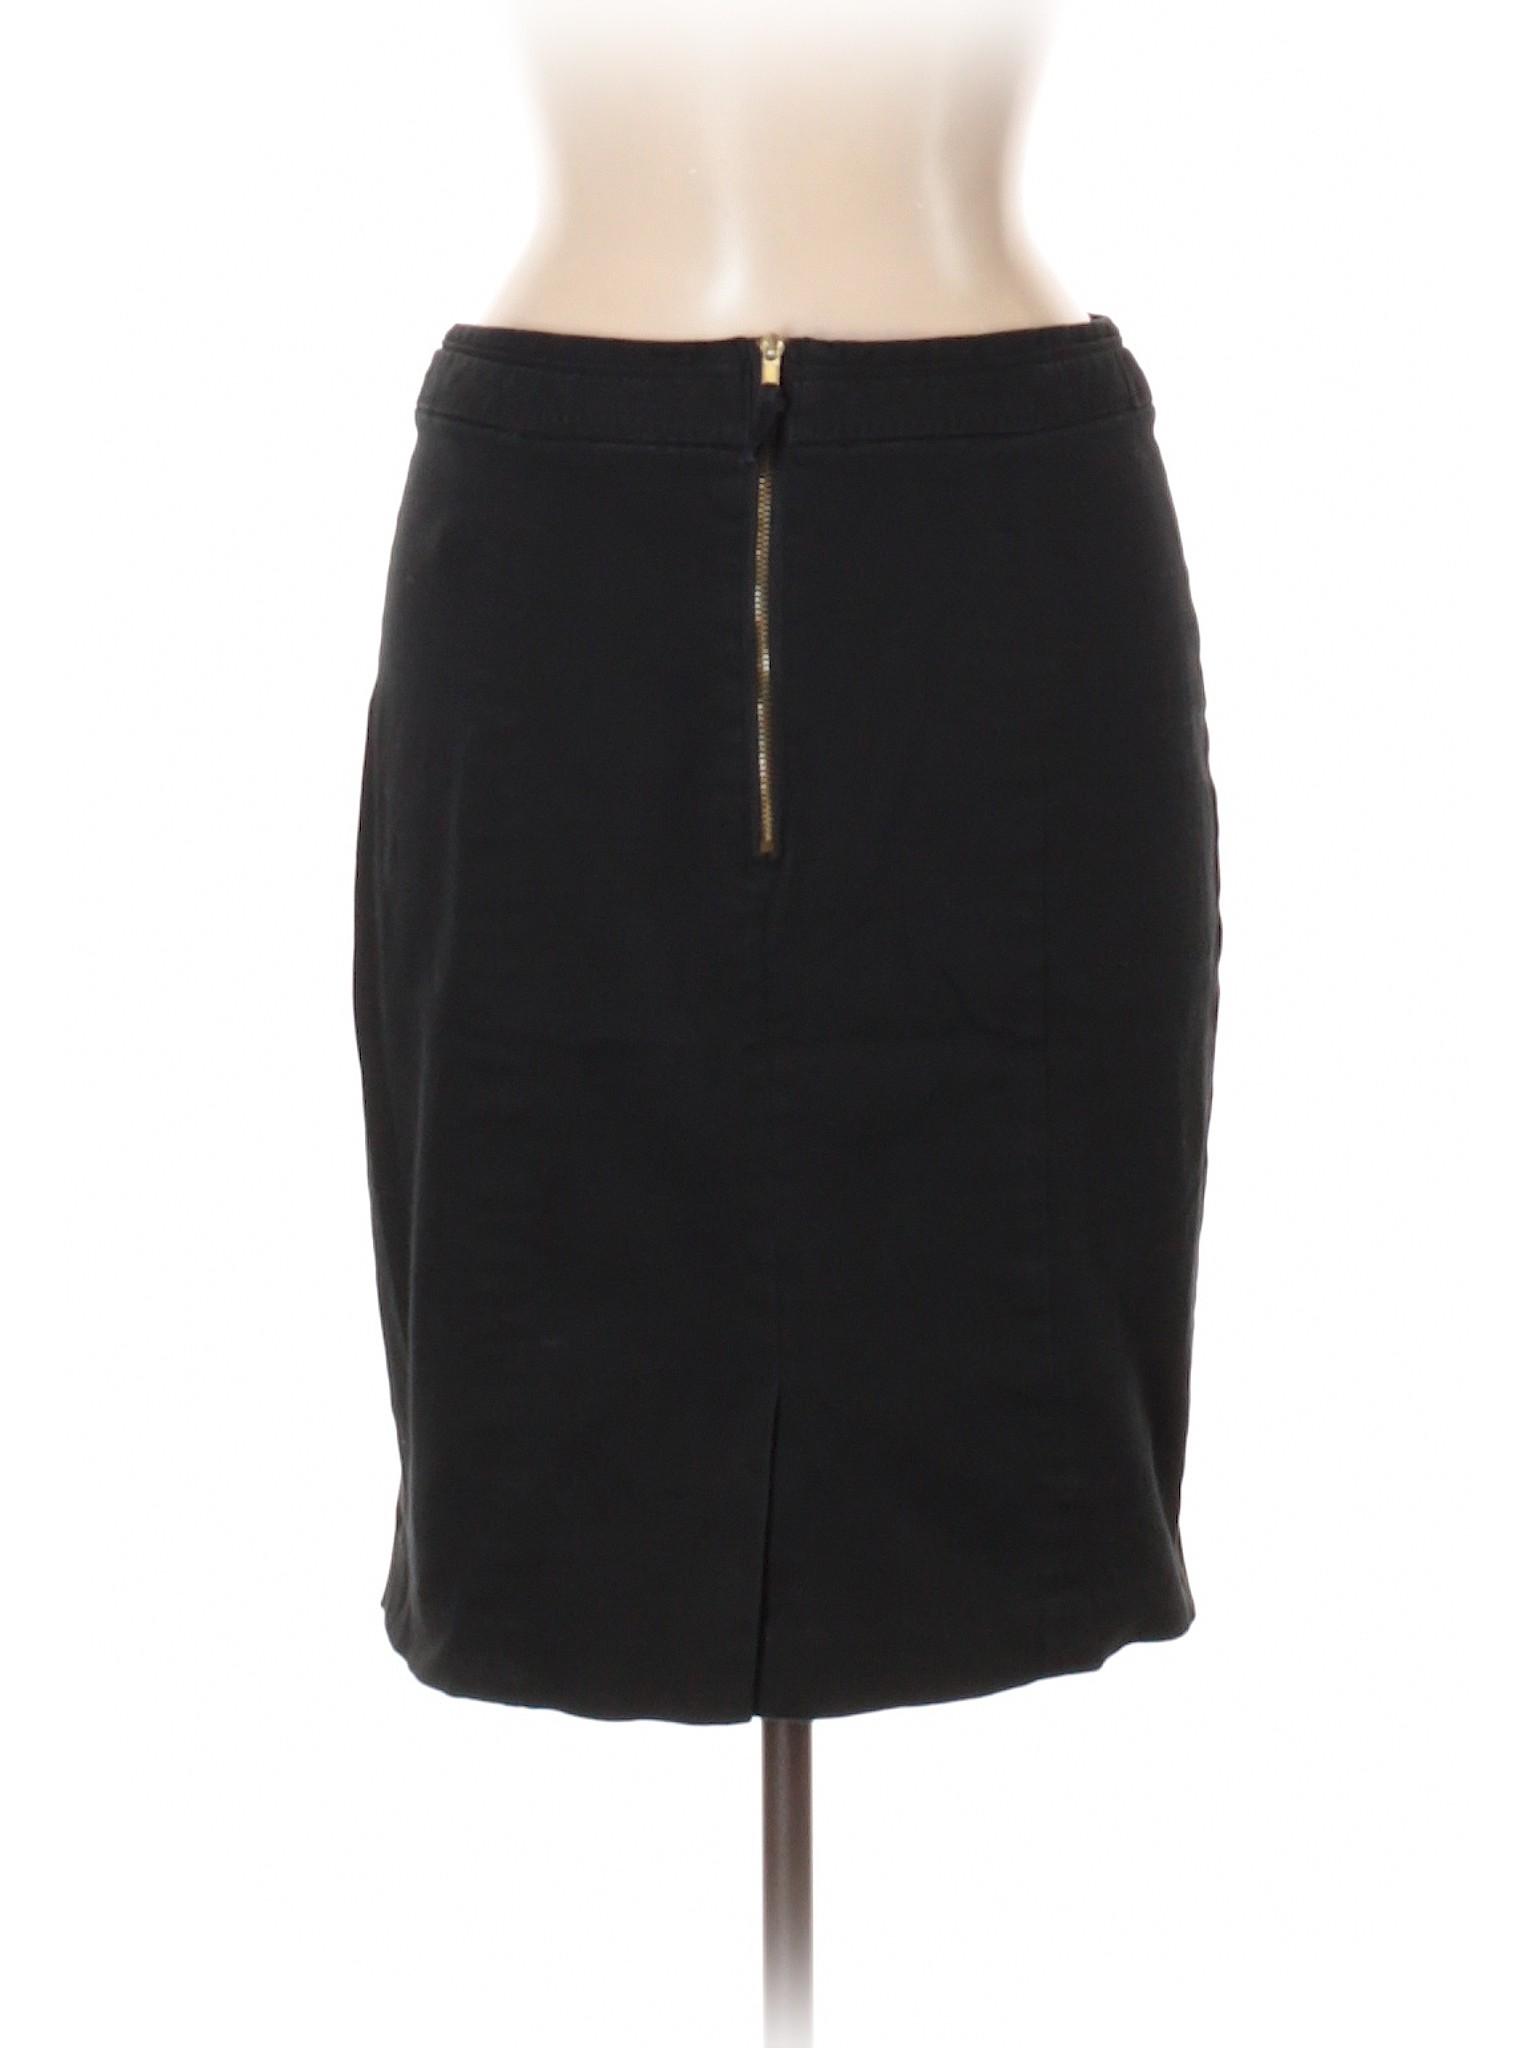 Skirt Boutique Casual Boutique Casual Boutique Skirt RpHpwq1